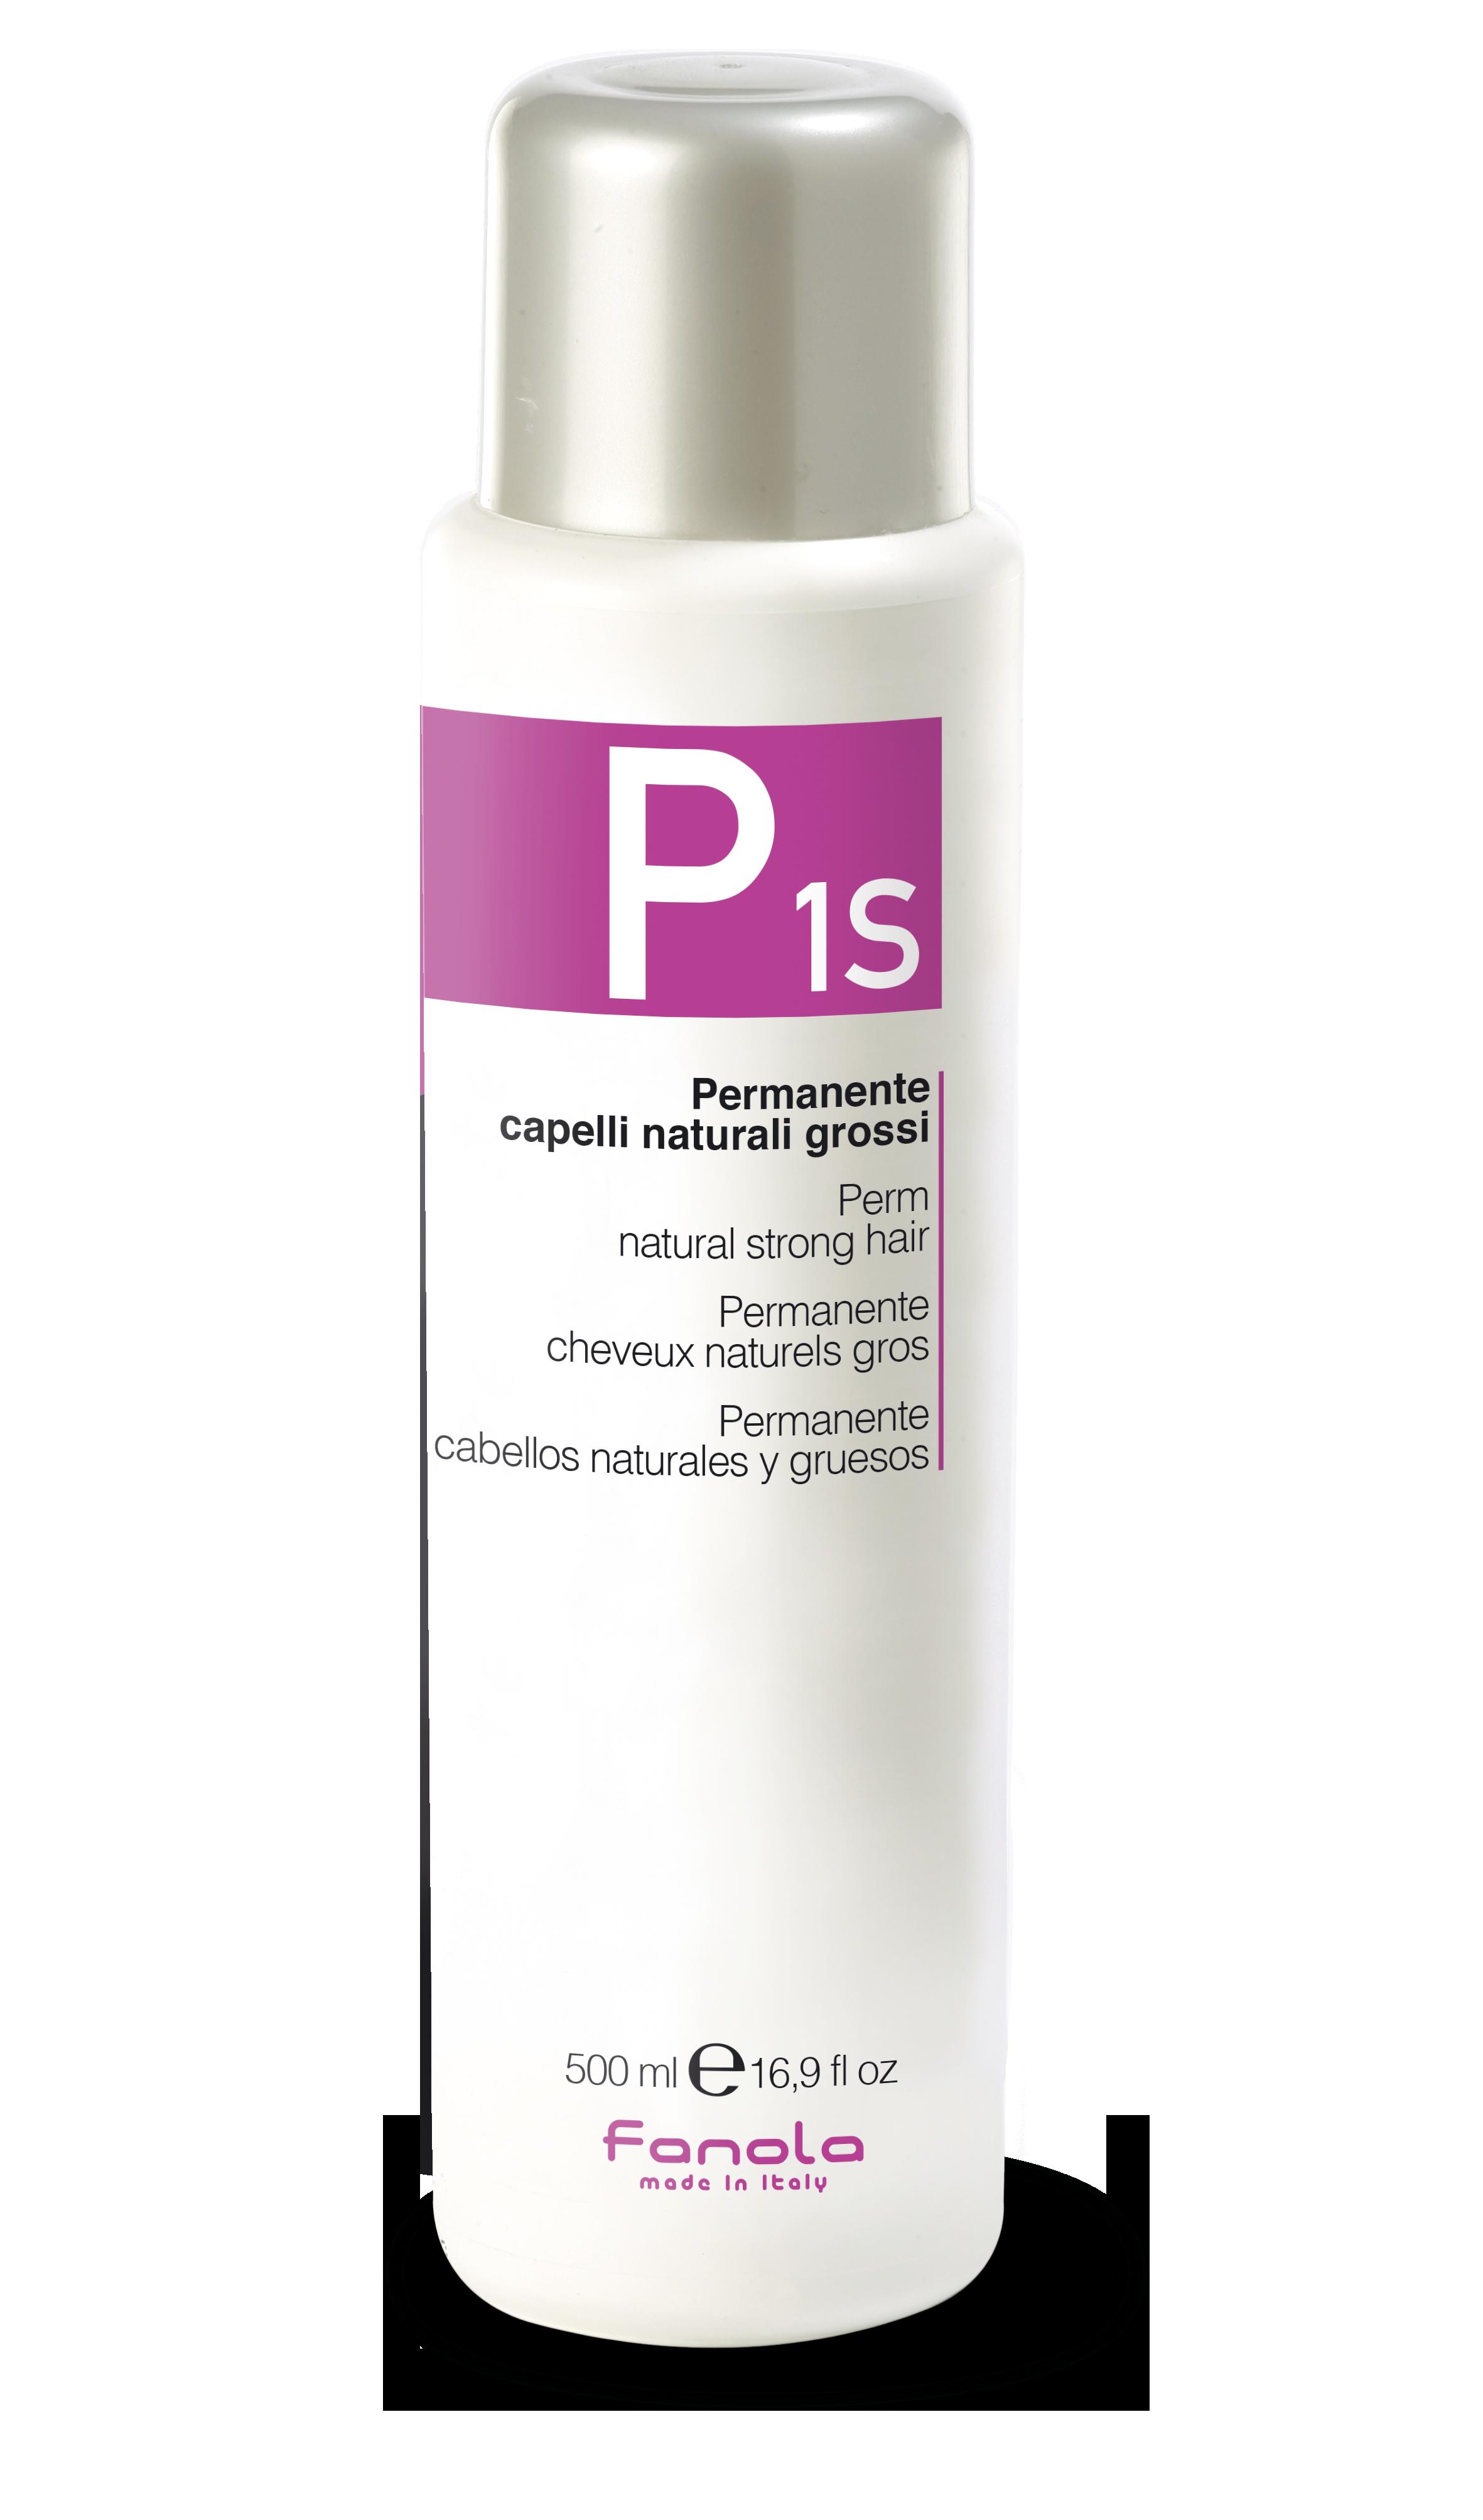 Fanola PERM P 1 S - trvalá ondulácia na prírodné, silné vlasy, 500 ml